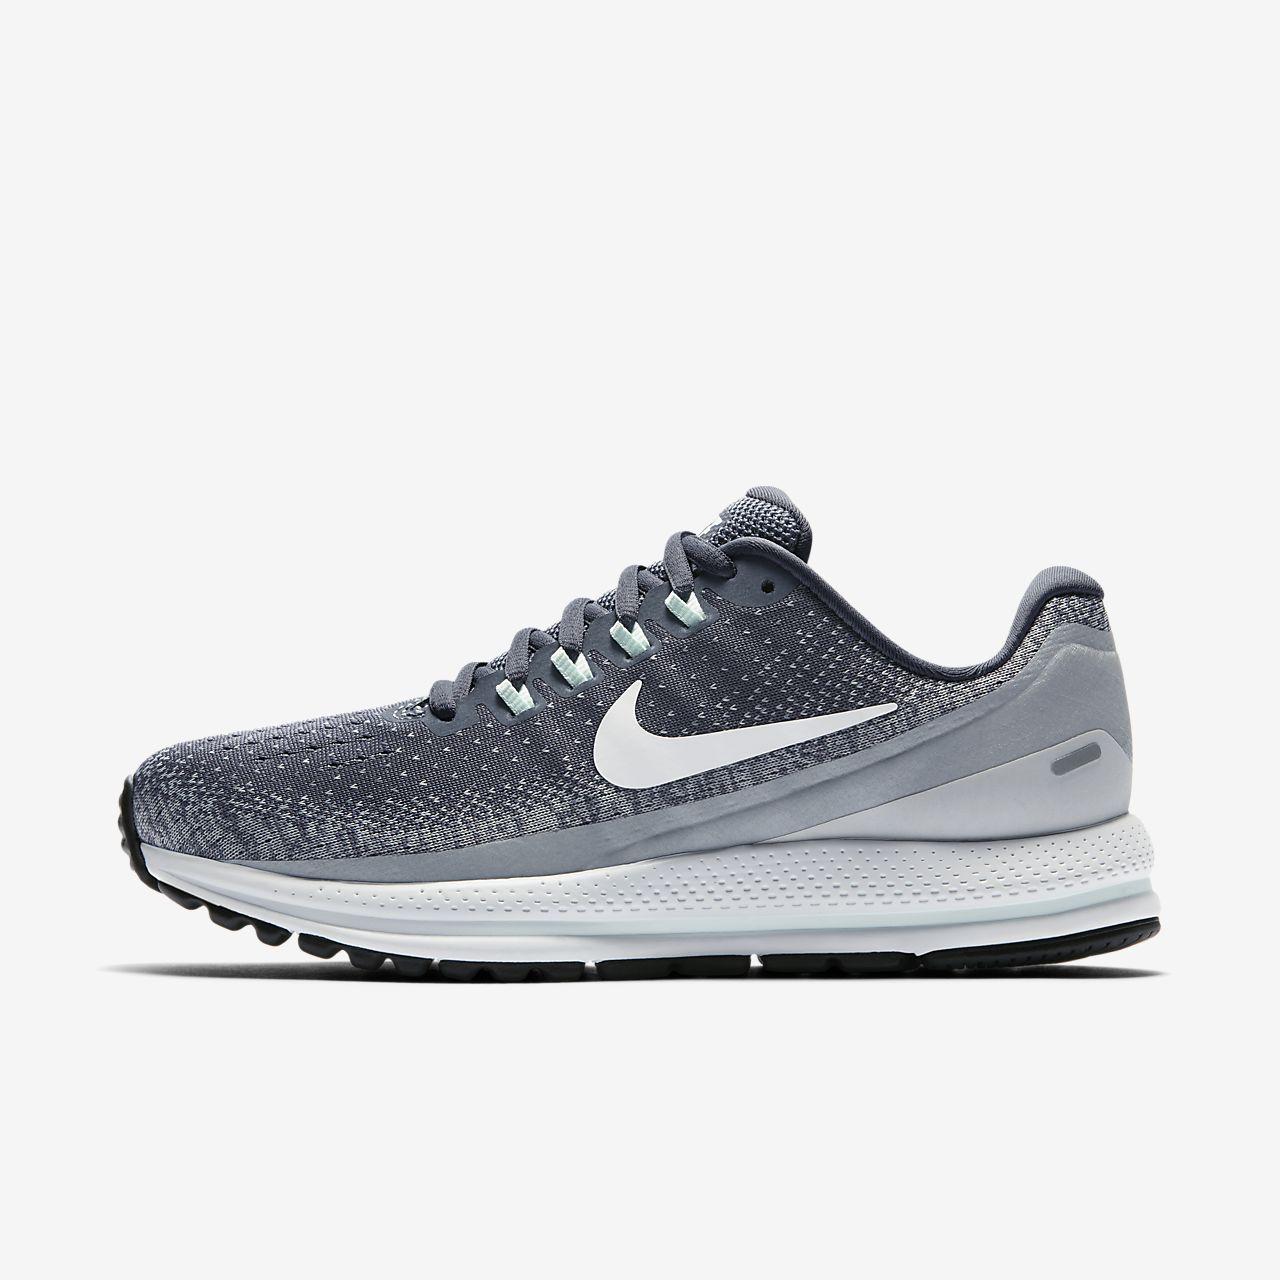 869df9264 Calzado de running para mujer Nike Air Zoom Vomero 13. Nike.com MX